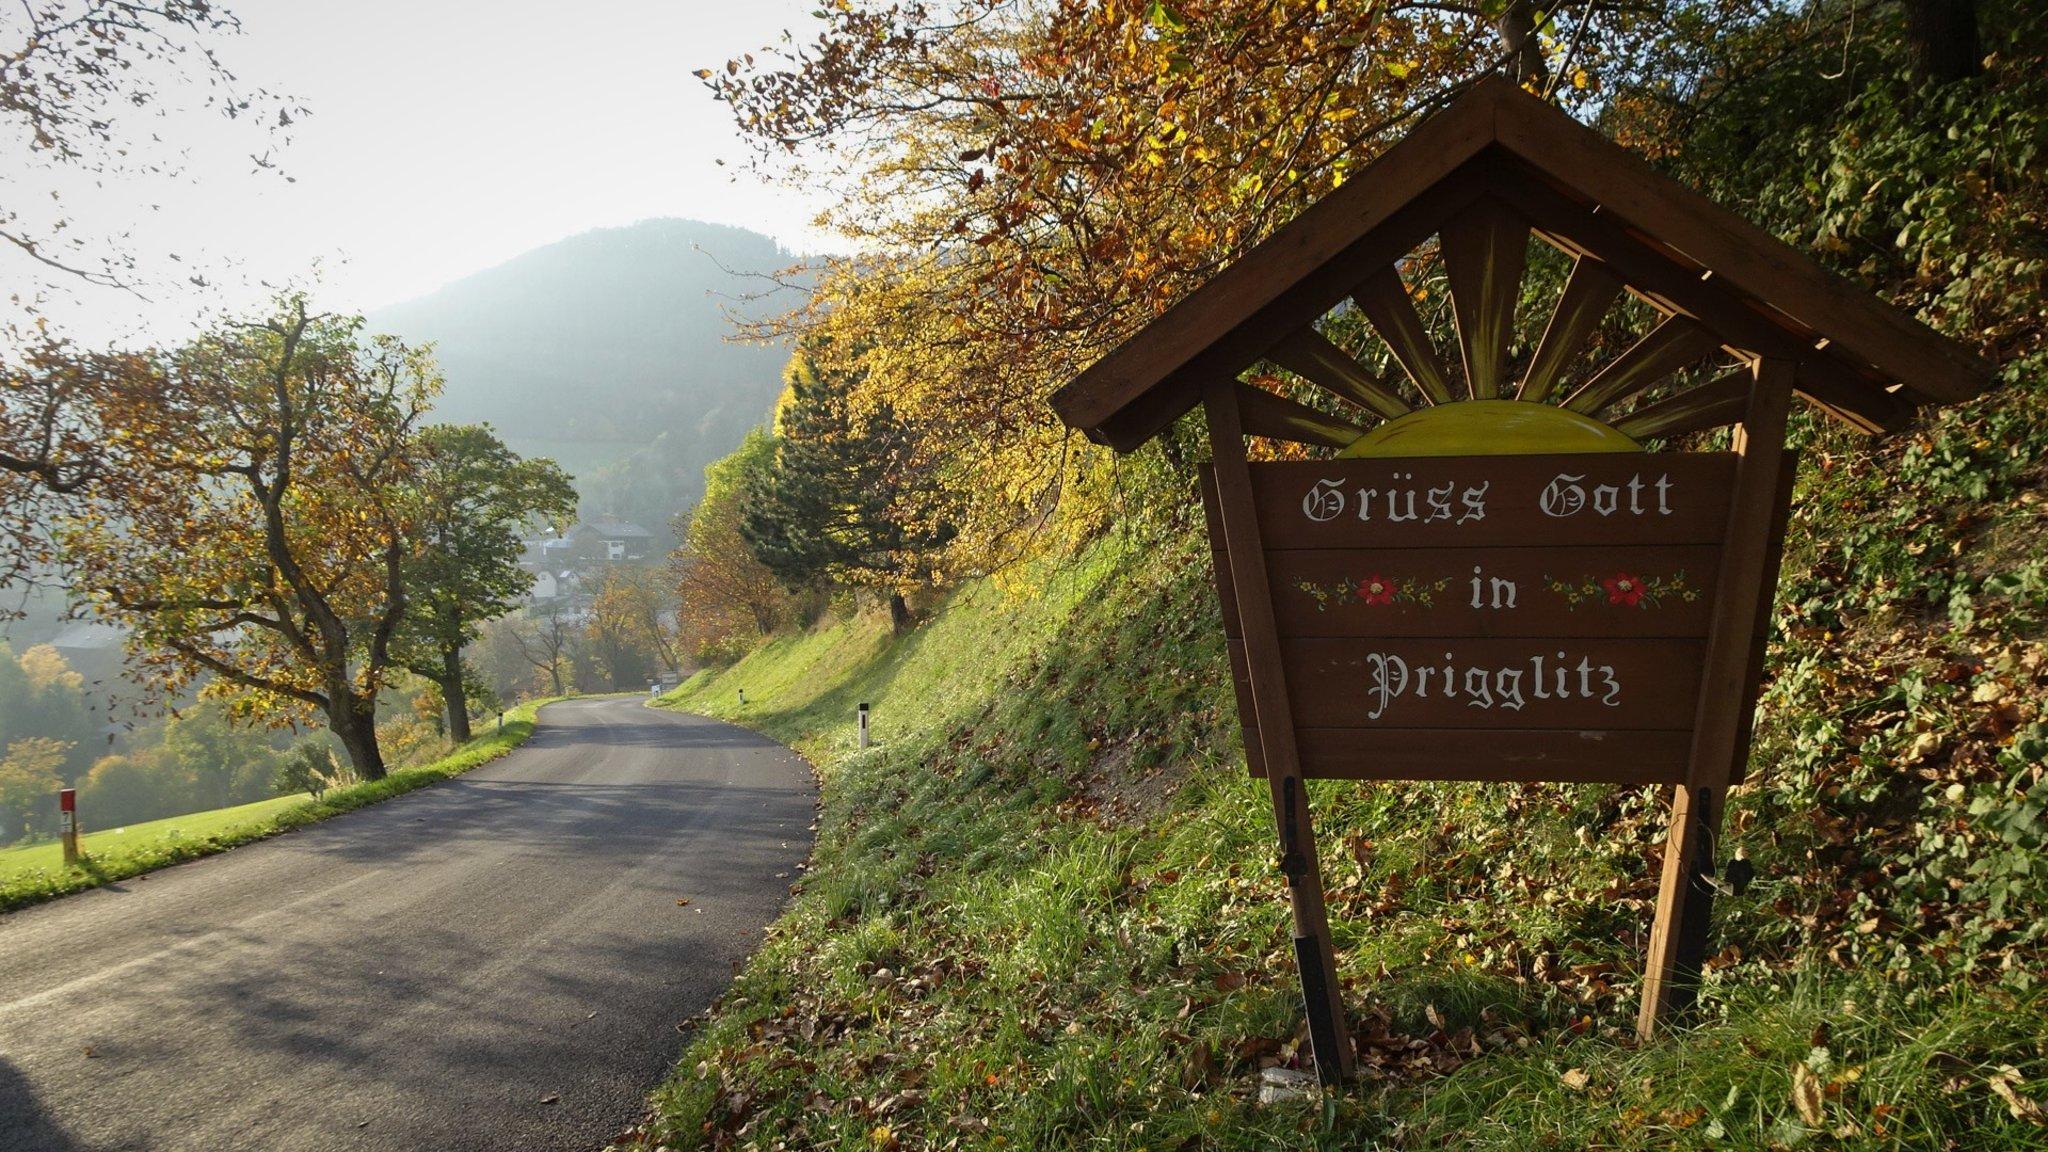 Rax-Schneeberg-Gebiet, Bezirk Neunkirchen (NÖ): Das Naturdorf Prigglitz am Gahns - meinbezirk.at